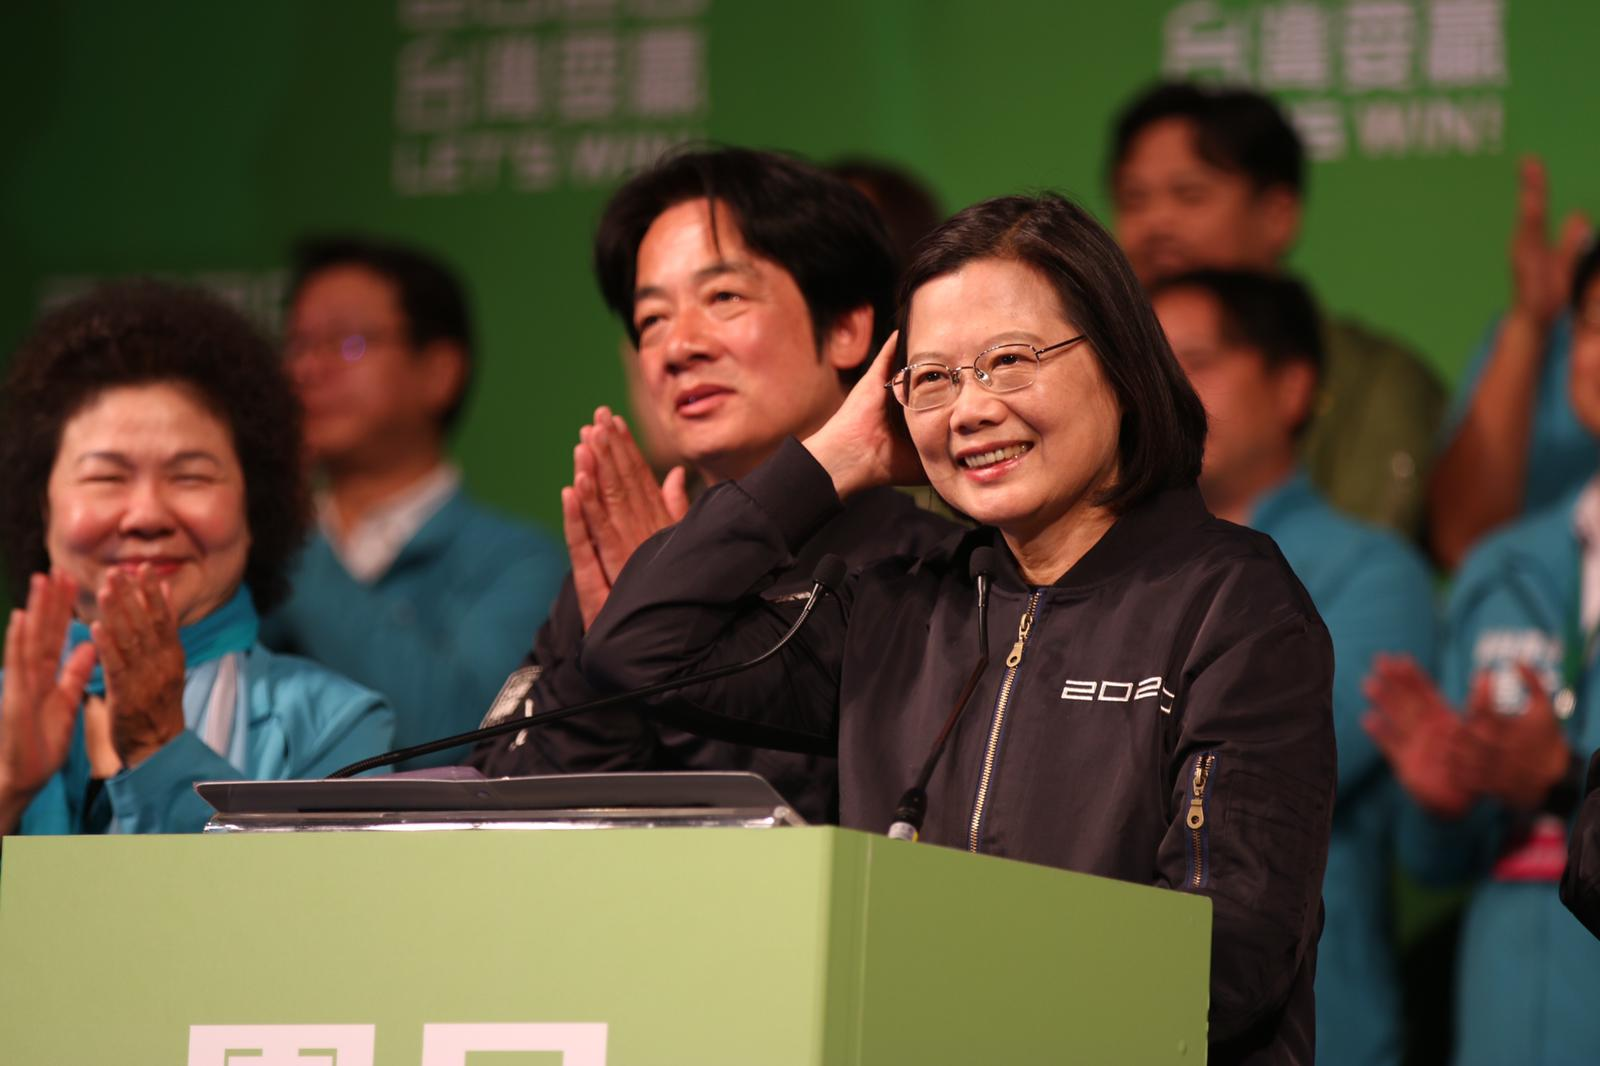 台湾实施备受争议的《反渗透法》